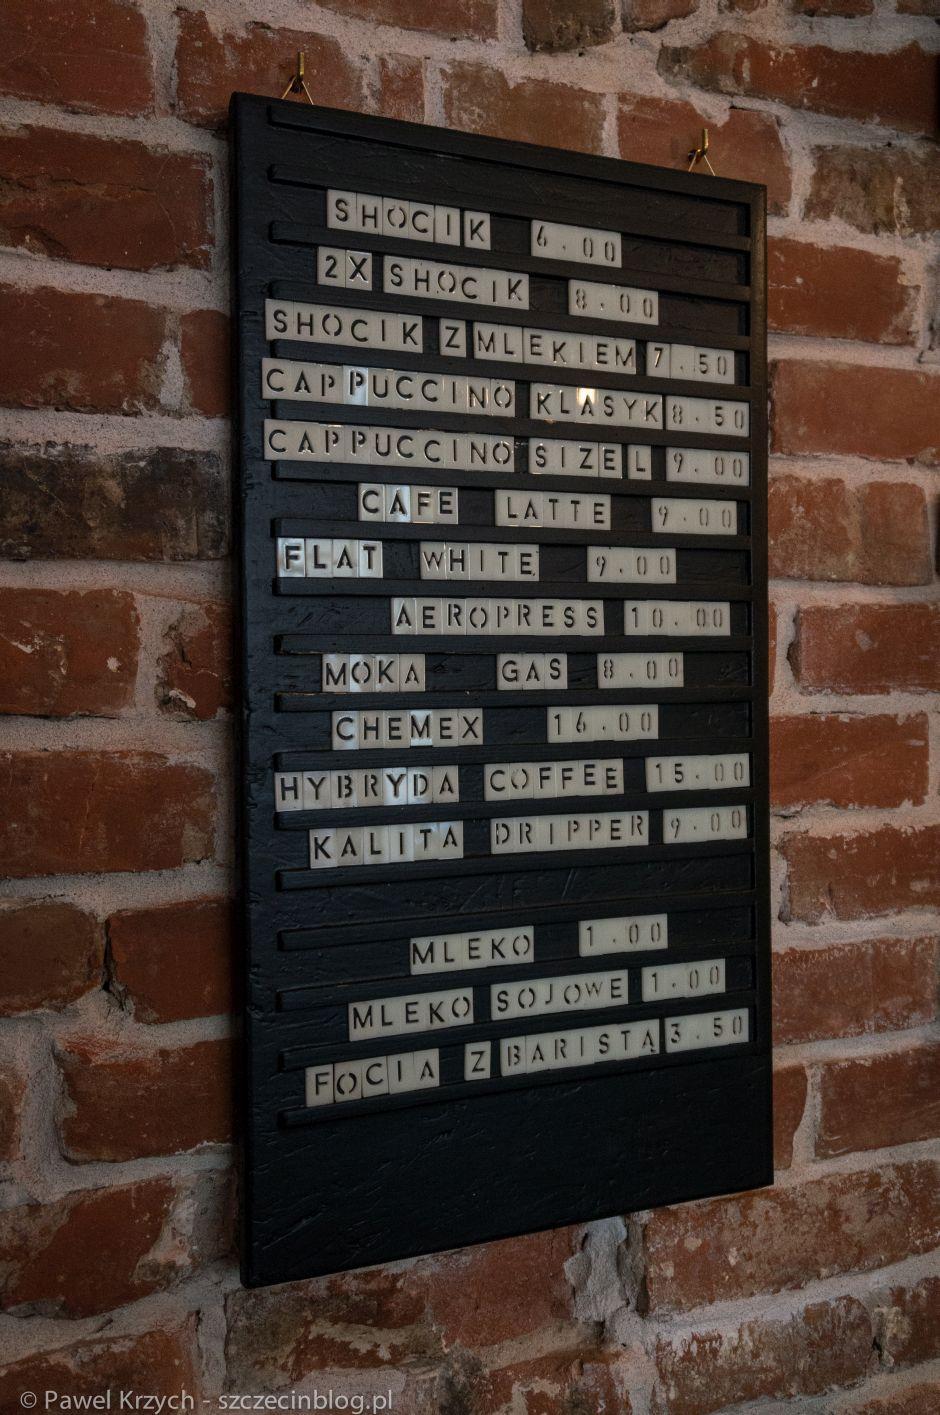 Oryginalne menu na ścianie